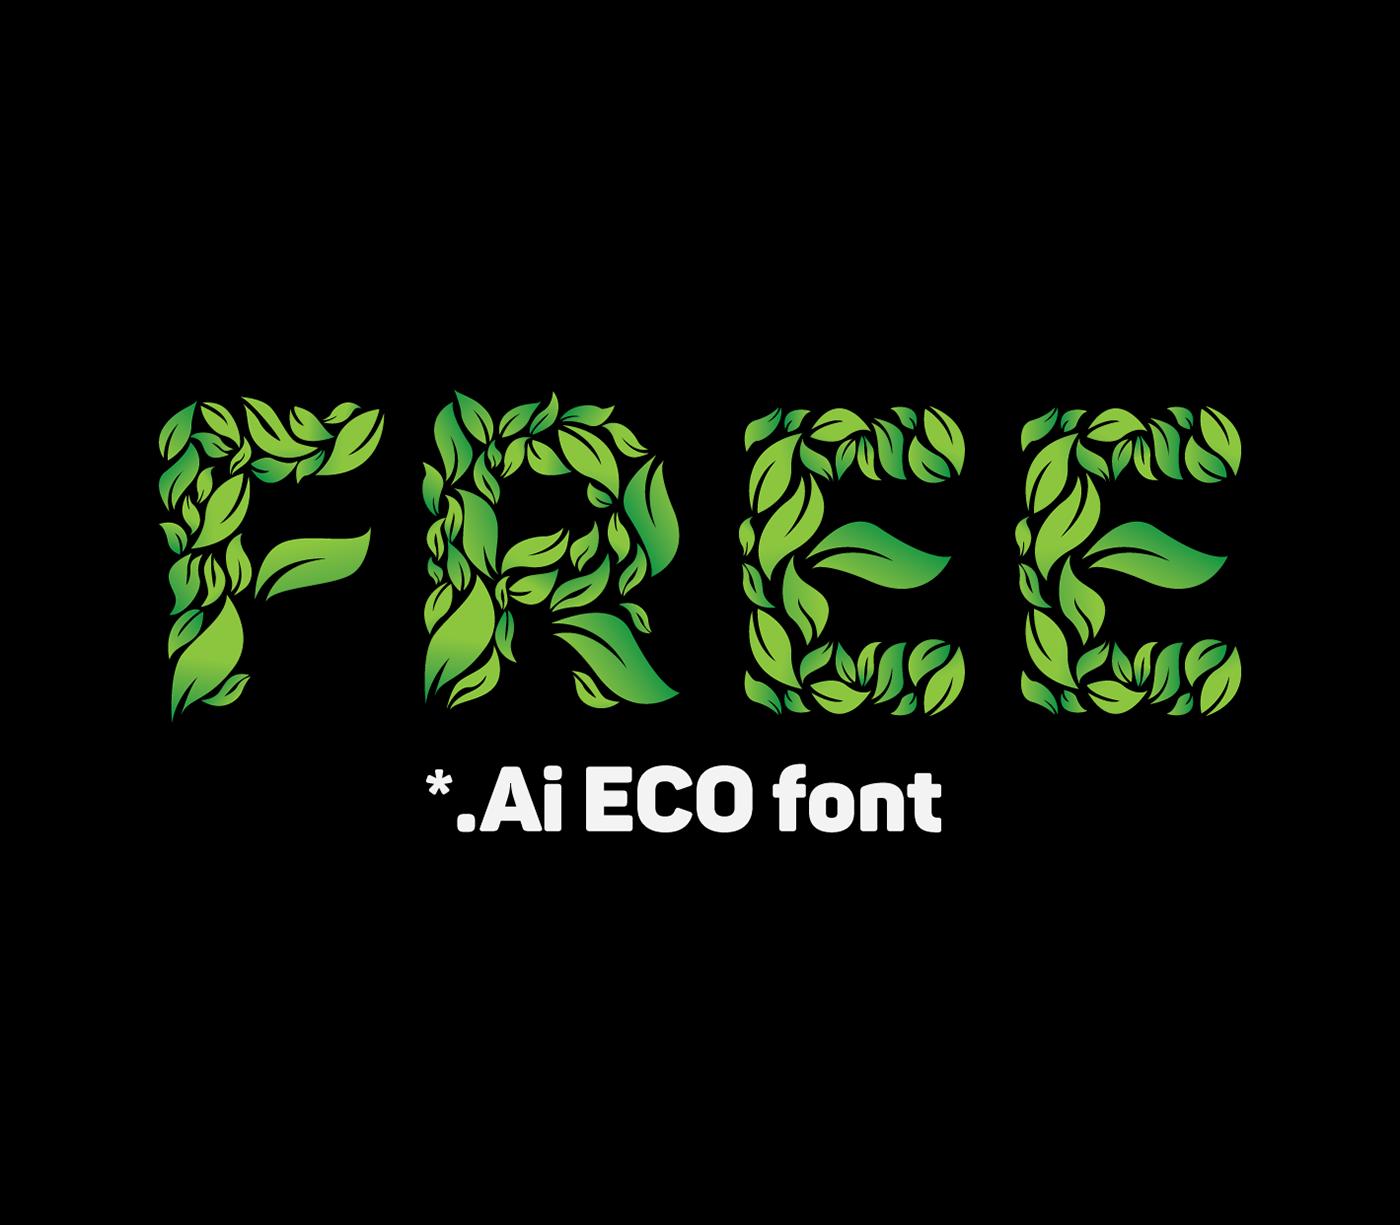 ecofont free